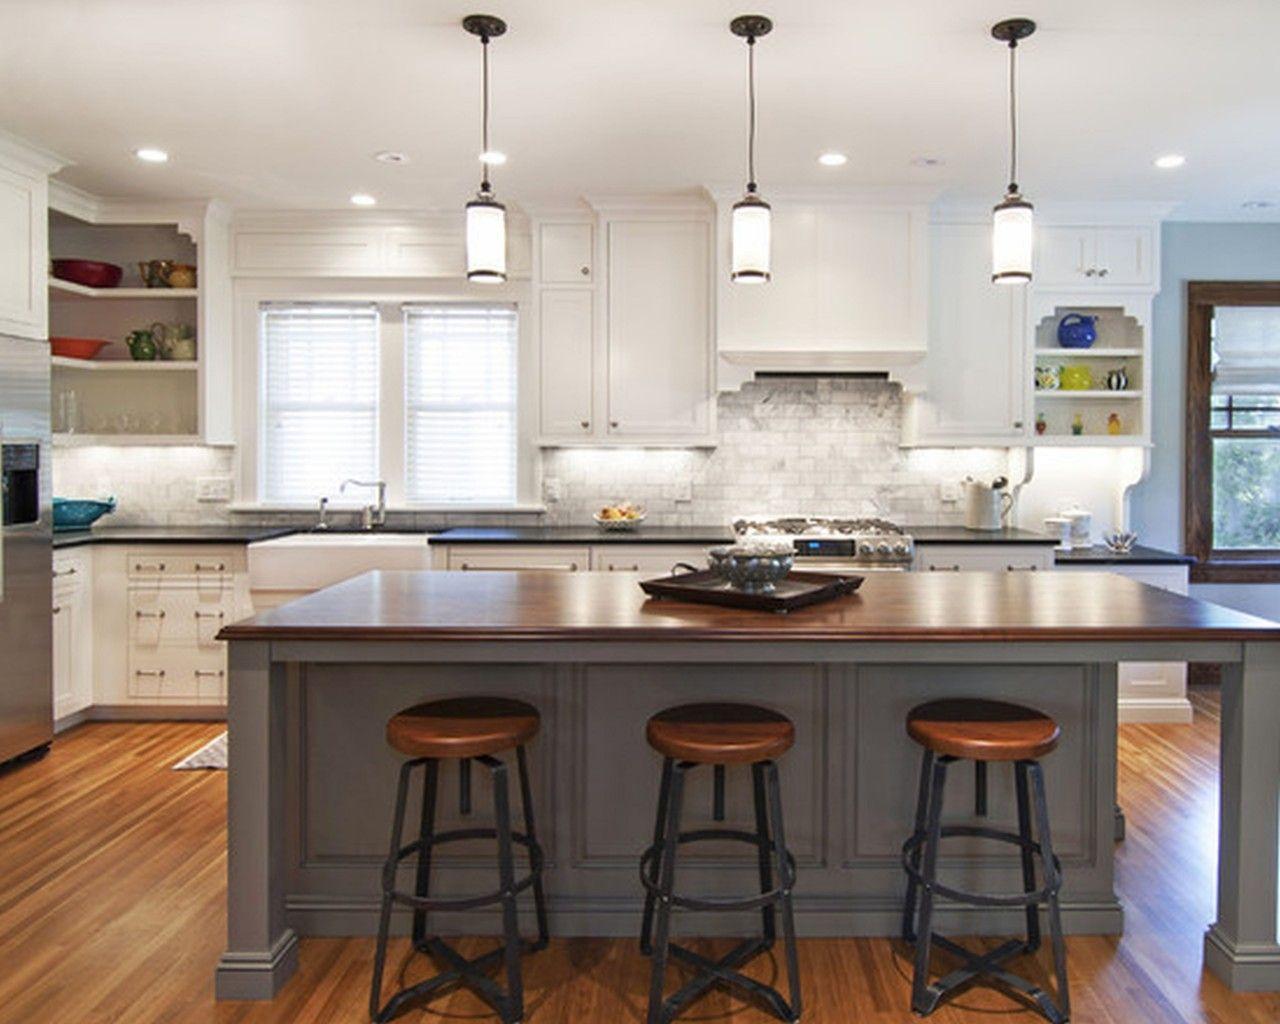 Innenarchitektur von schlafzimmermöbeln anhänger beleuchtung für küche insel dies ist die neueste